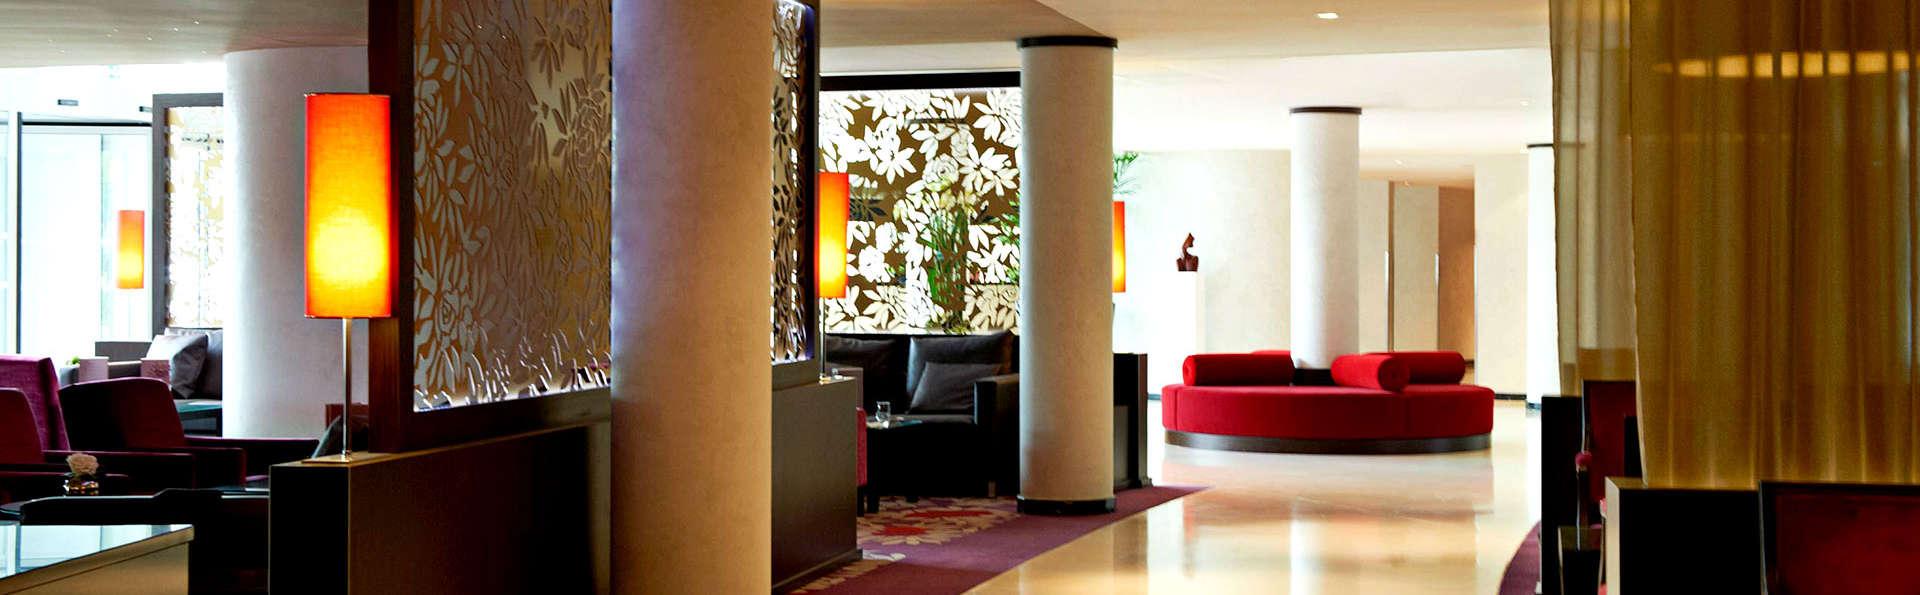 Profitez d'un week-end détente en junior suite près de Paris